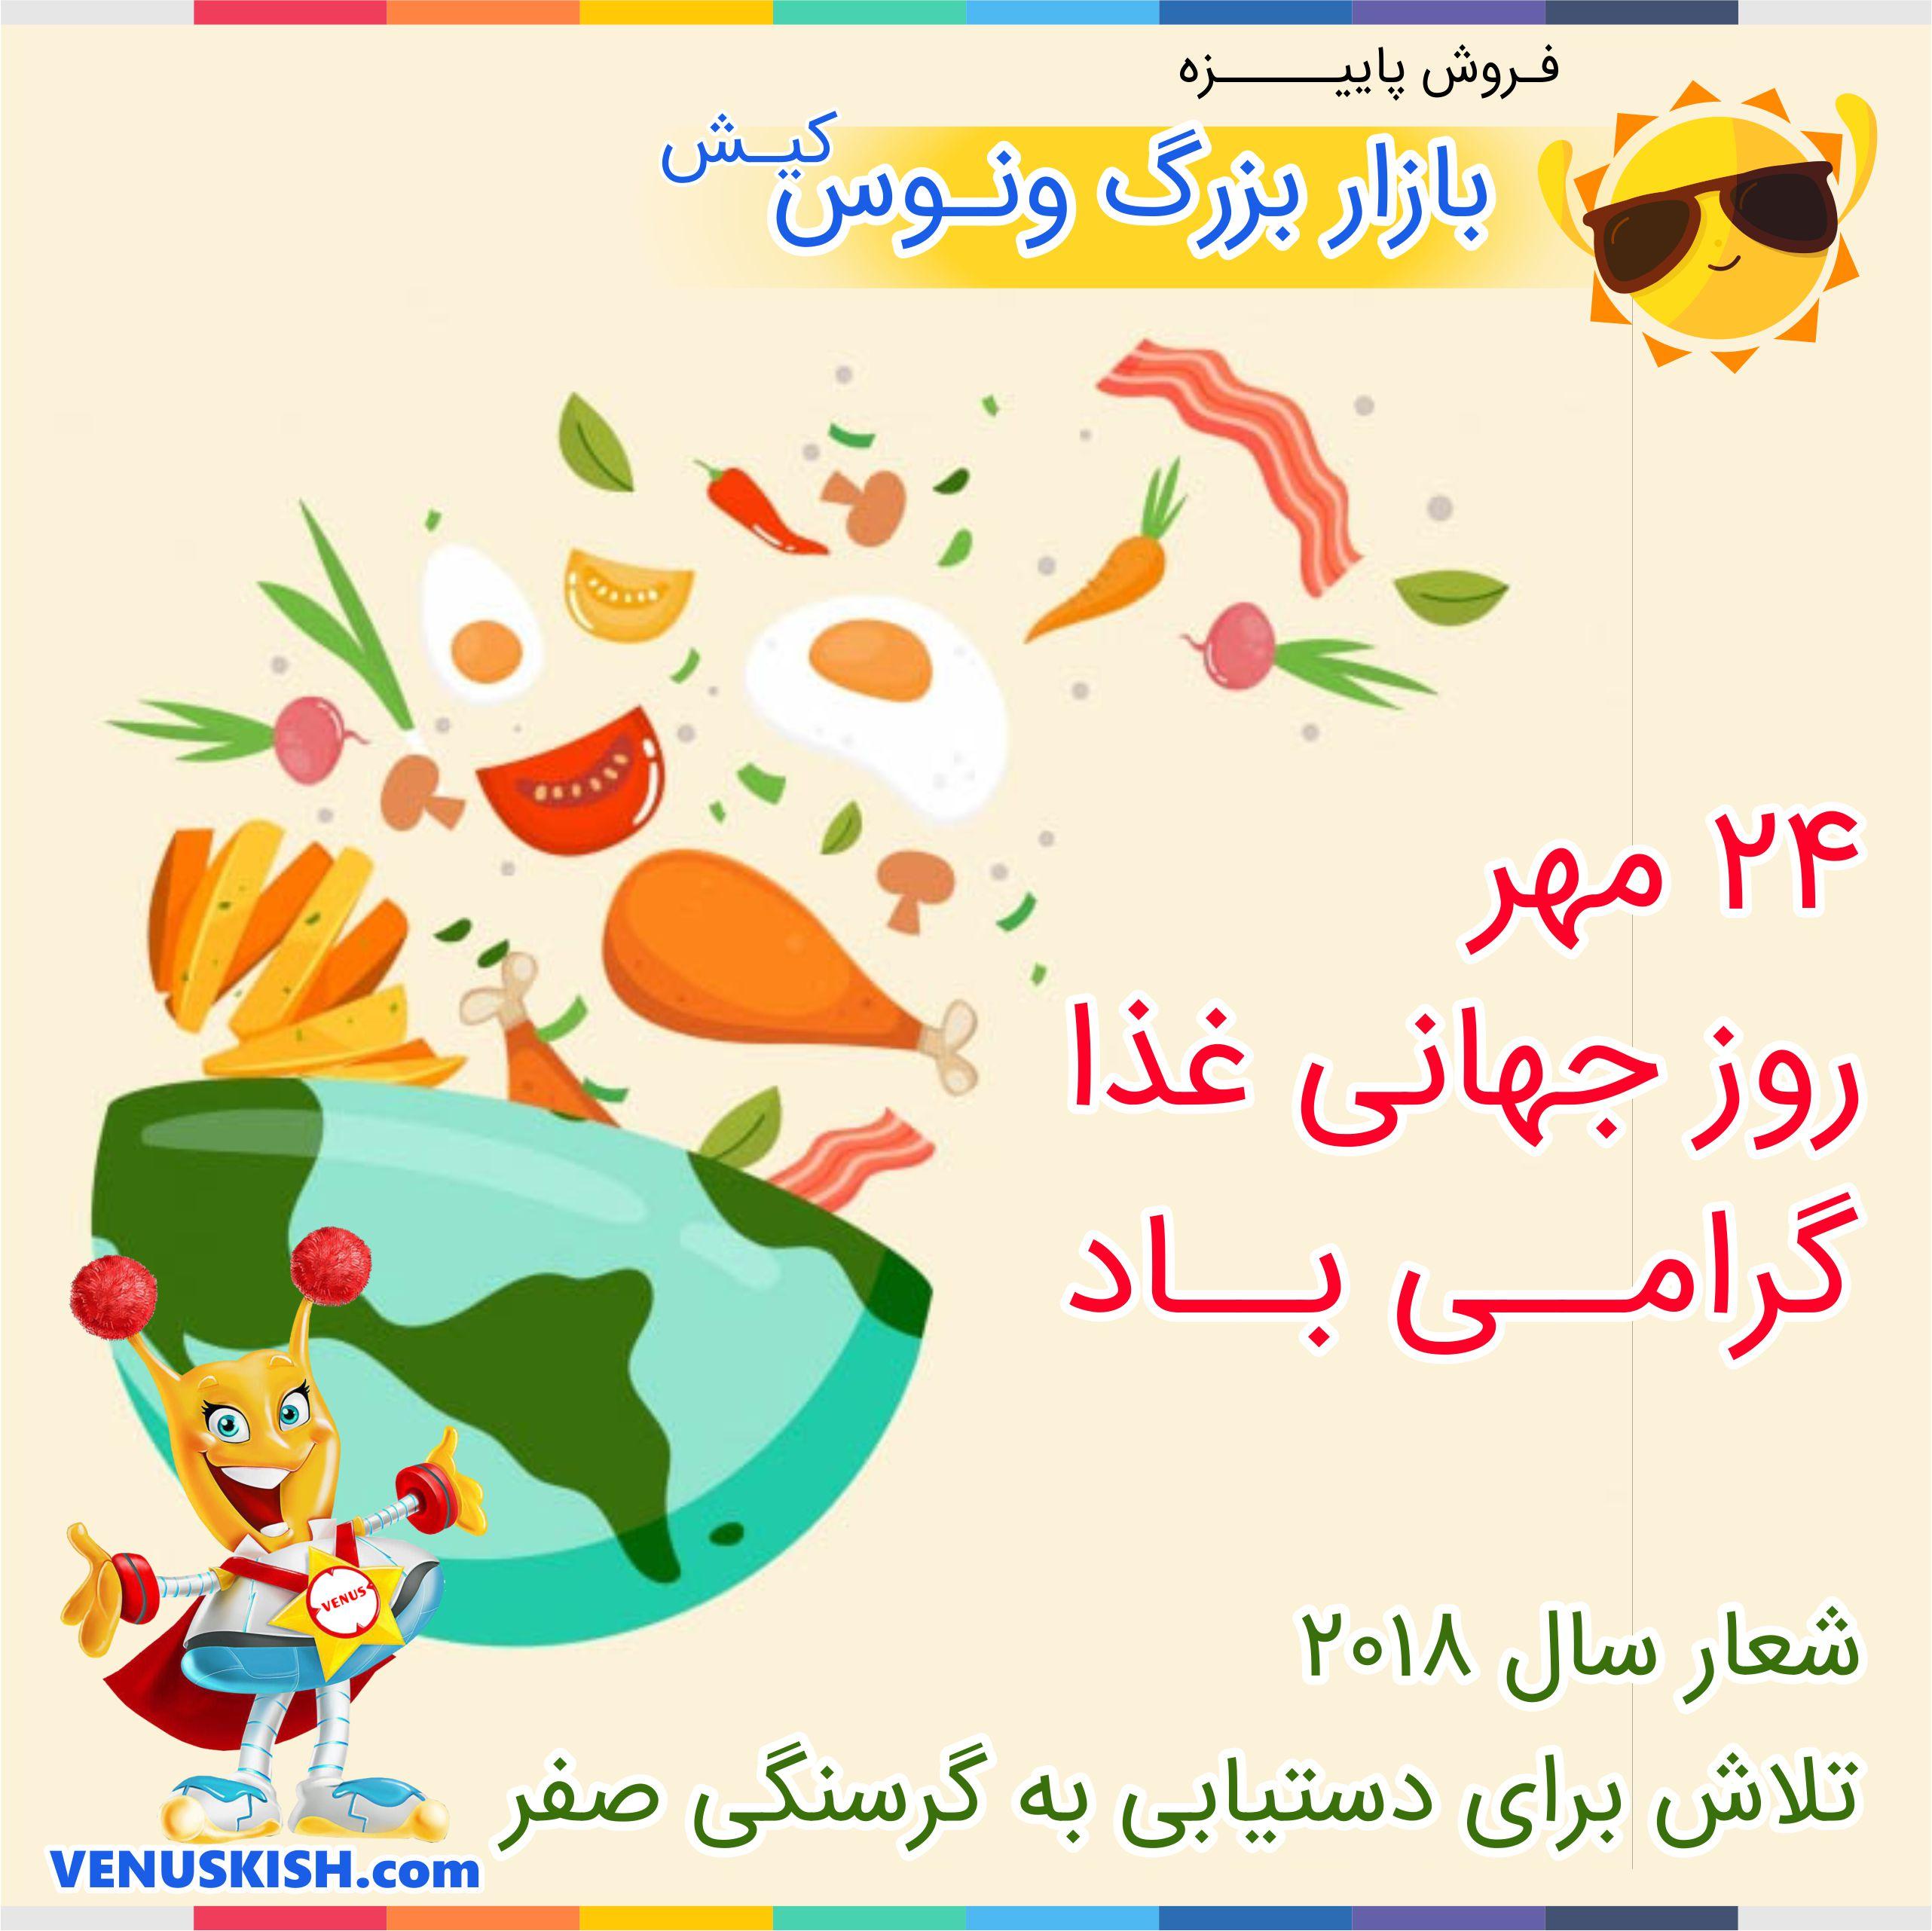 ۱۶ اکتبر (۲۴ مهر) روز جهانی غذا گرامی🌹